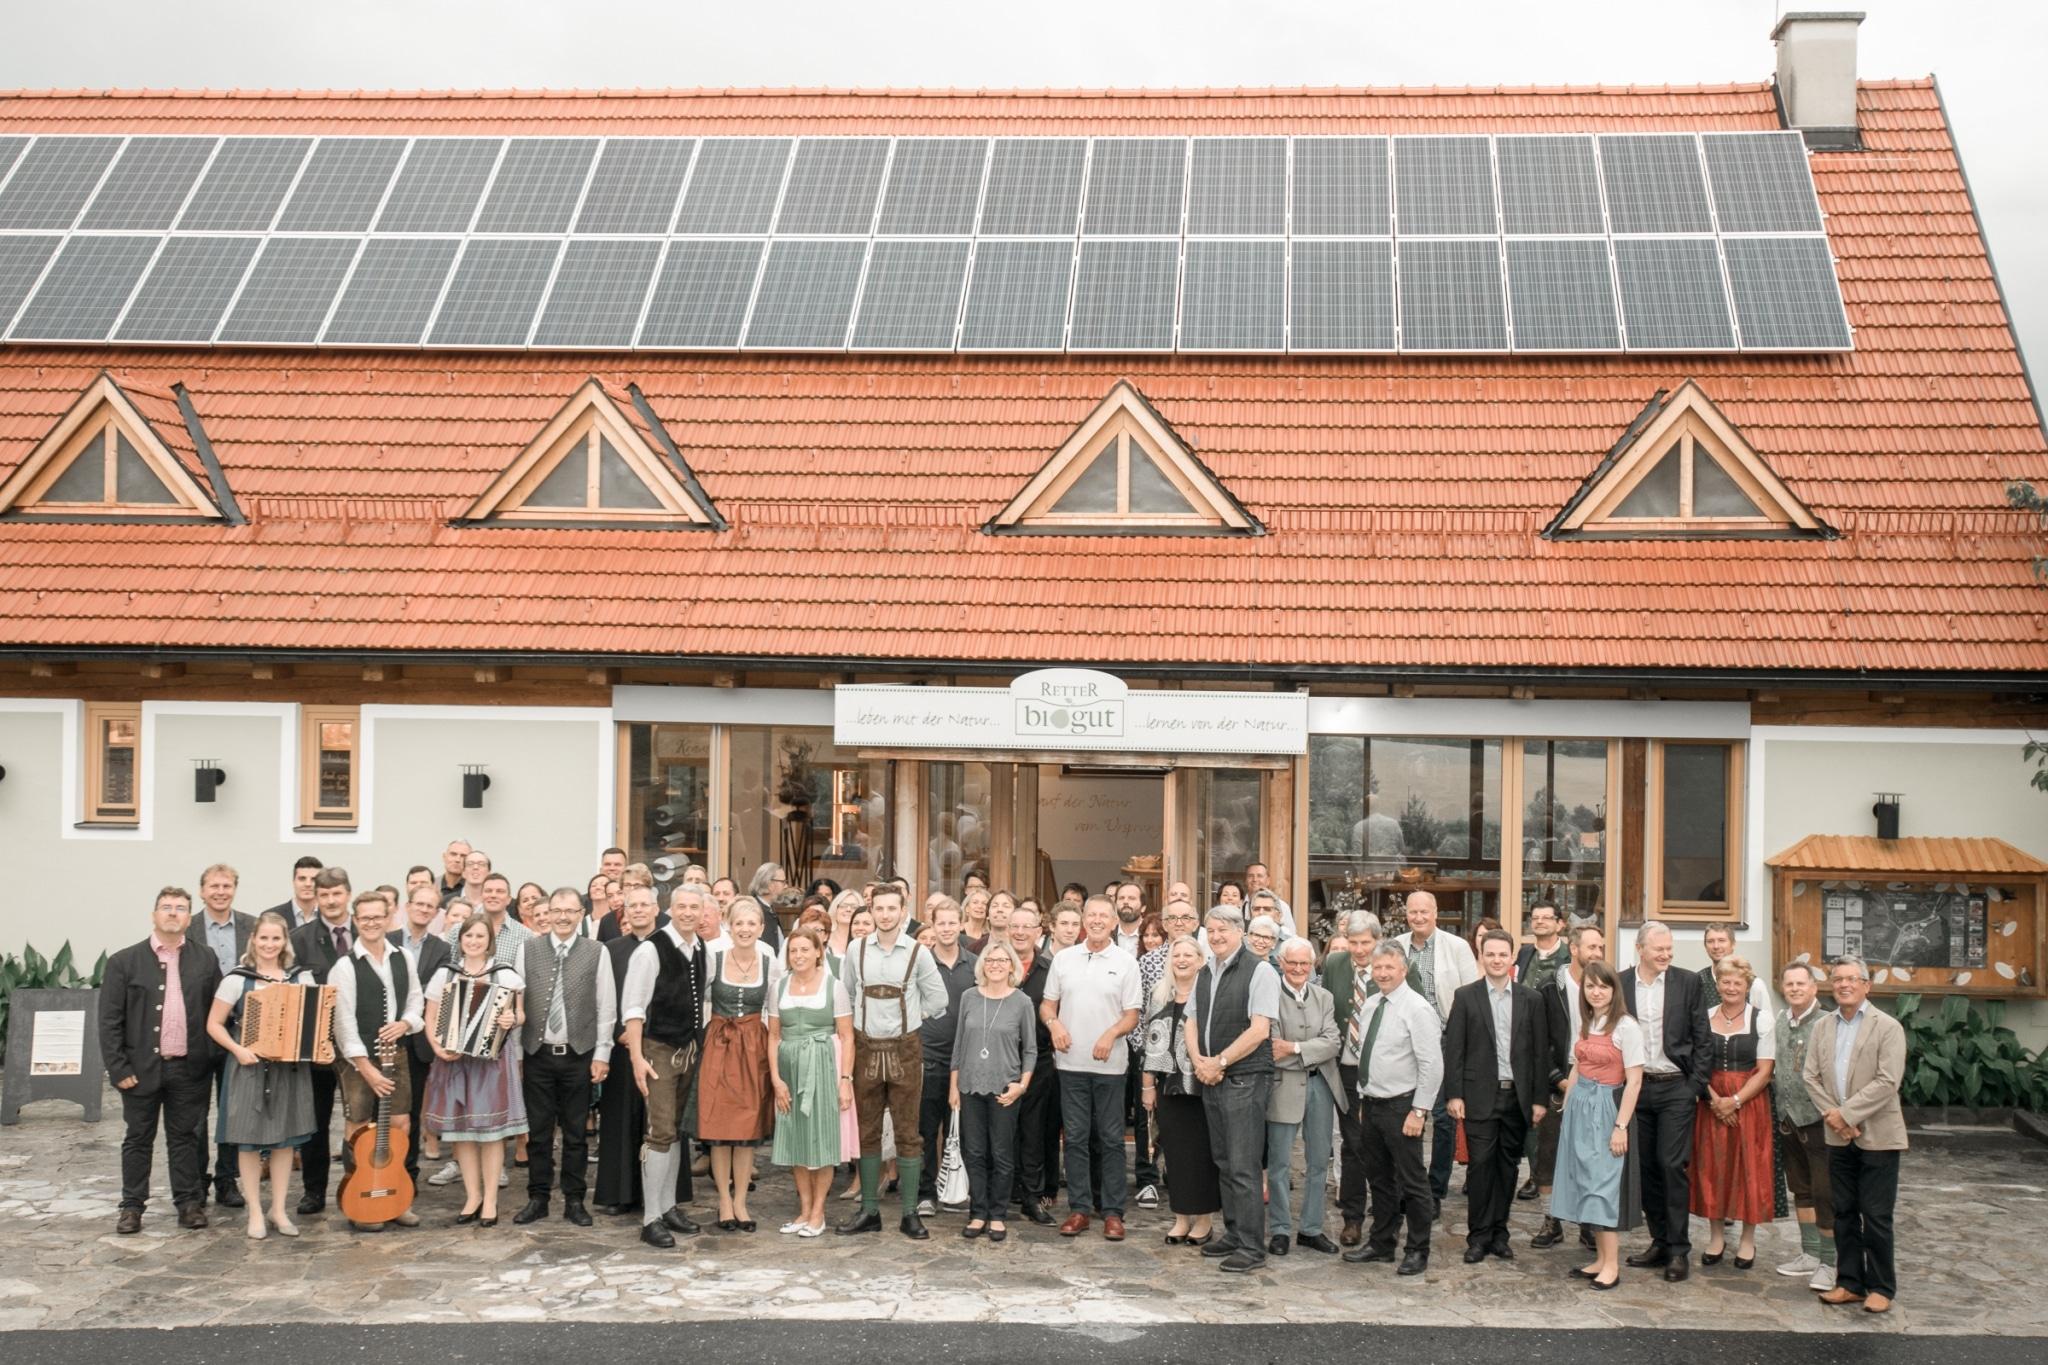 Gruppenfoto vor dem neueröffneten BioGut und 30 Jahre Seminarhotel Retter